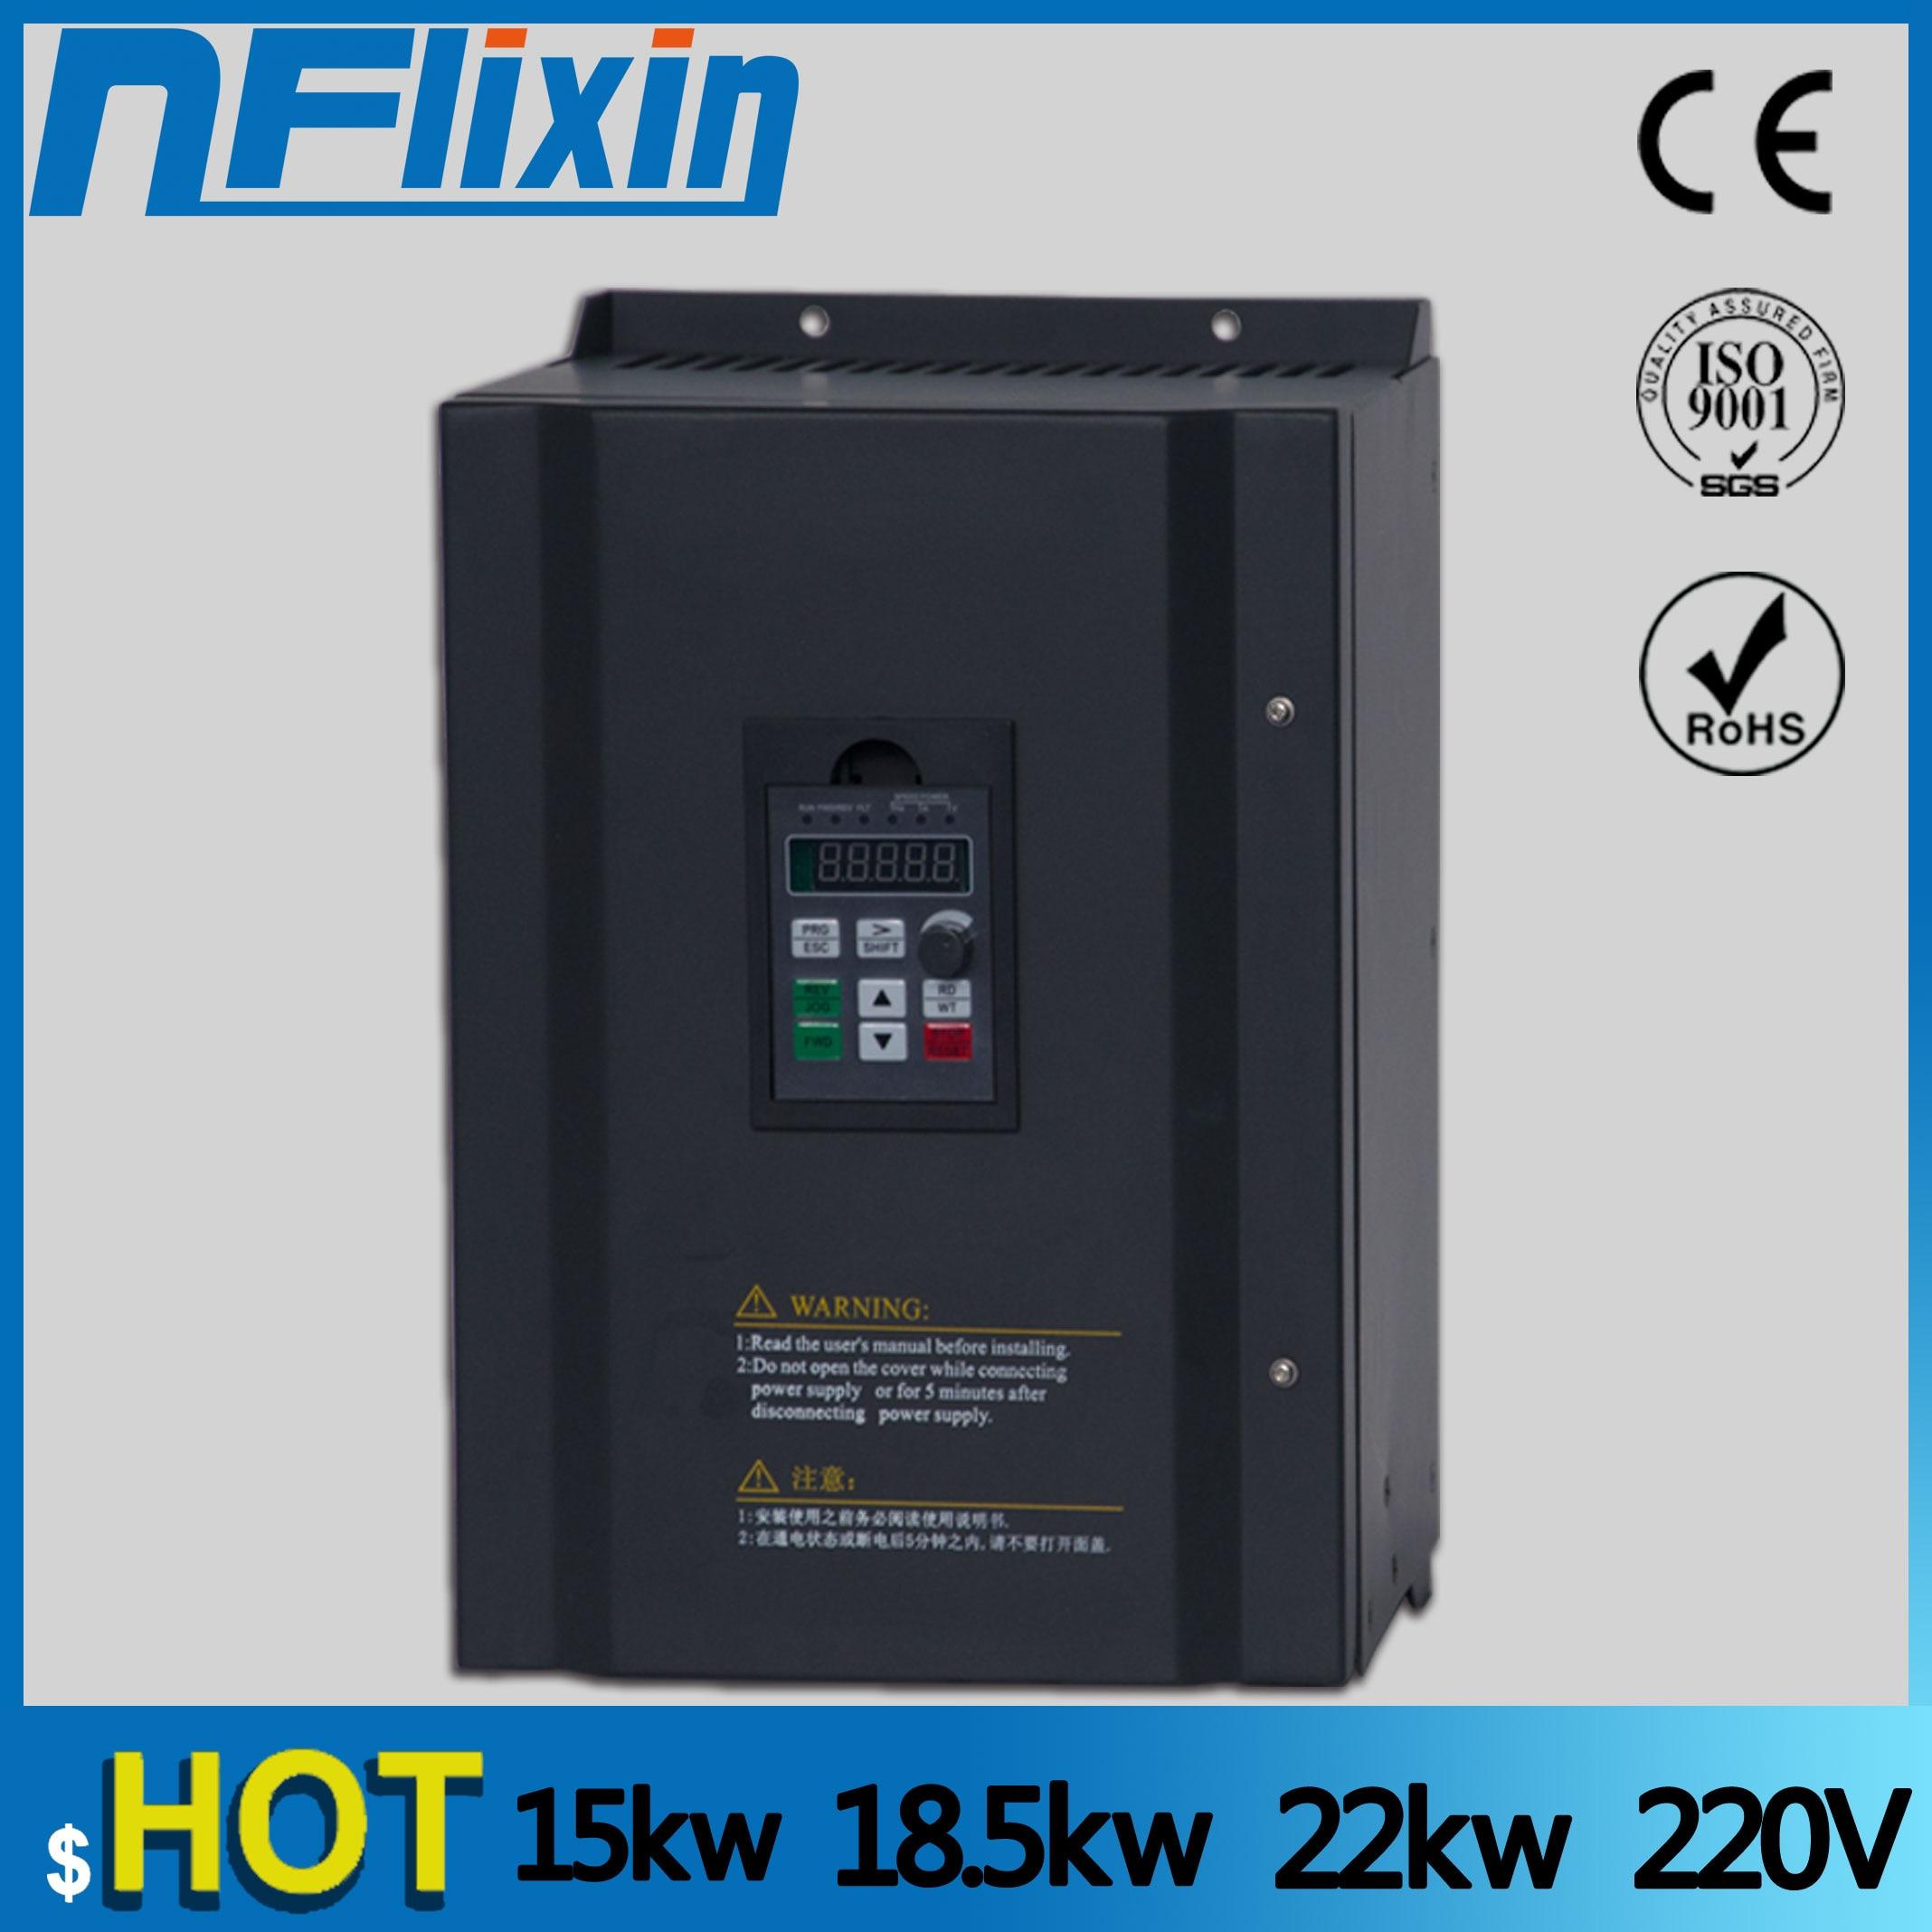 0.75KW/1.5KW/2.2KW/4KW/220 V monophasé inverseur entrée VFD 3 phases sortie convertisseur de fréquence vitesse réglableConduire